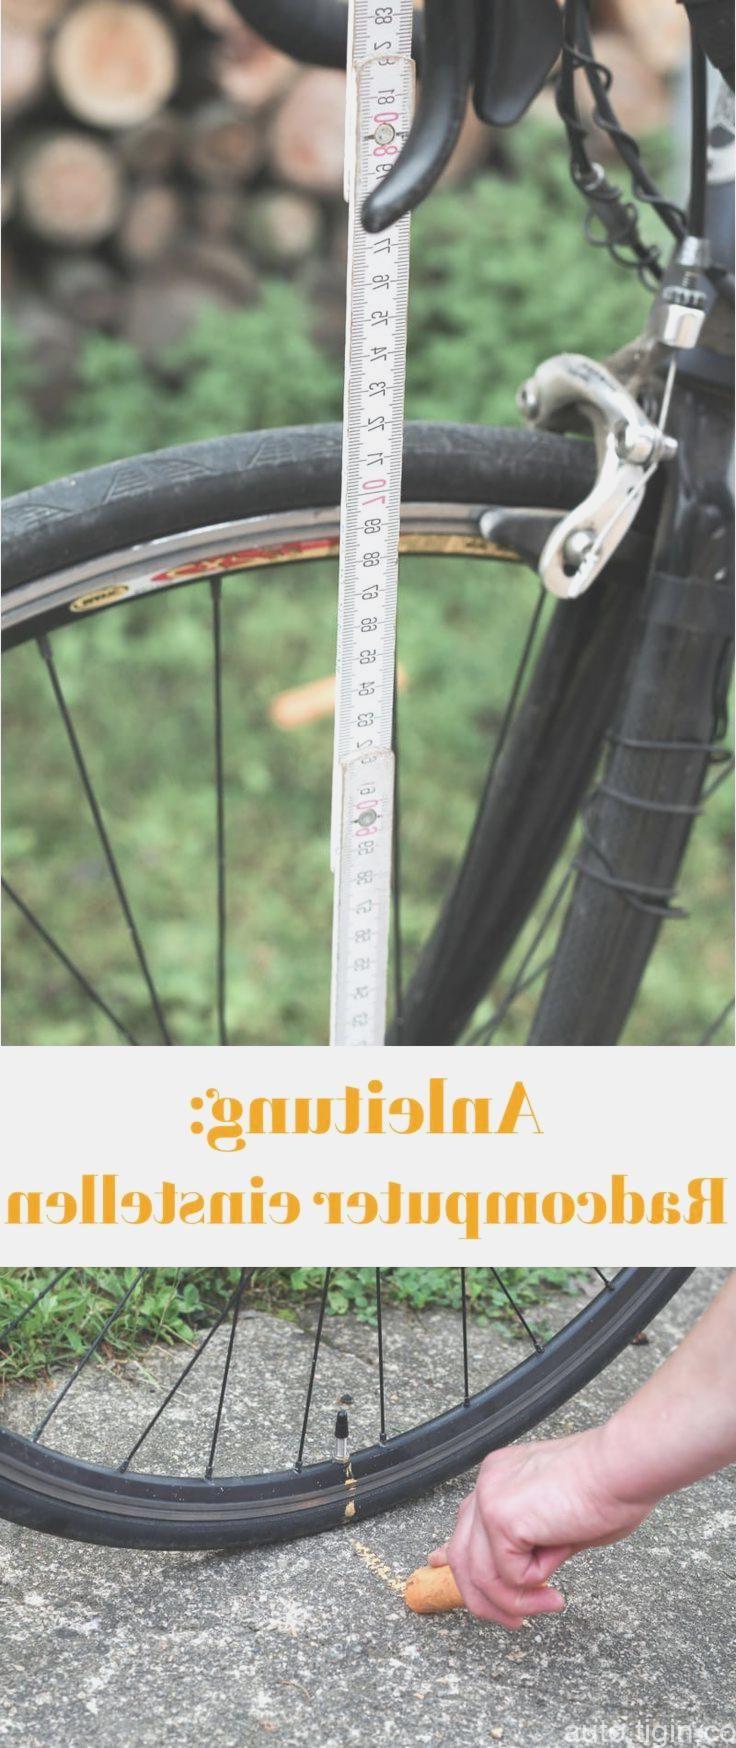 Radumfang herausfinden um den Fahrradcomputer einzustellen. [Anleitung]  –  #anl…